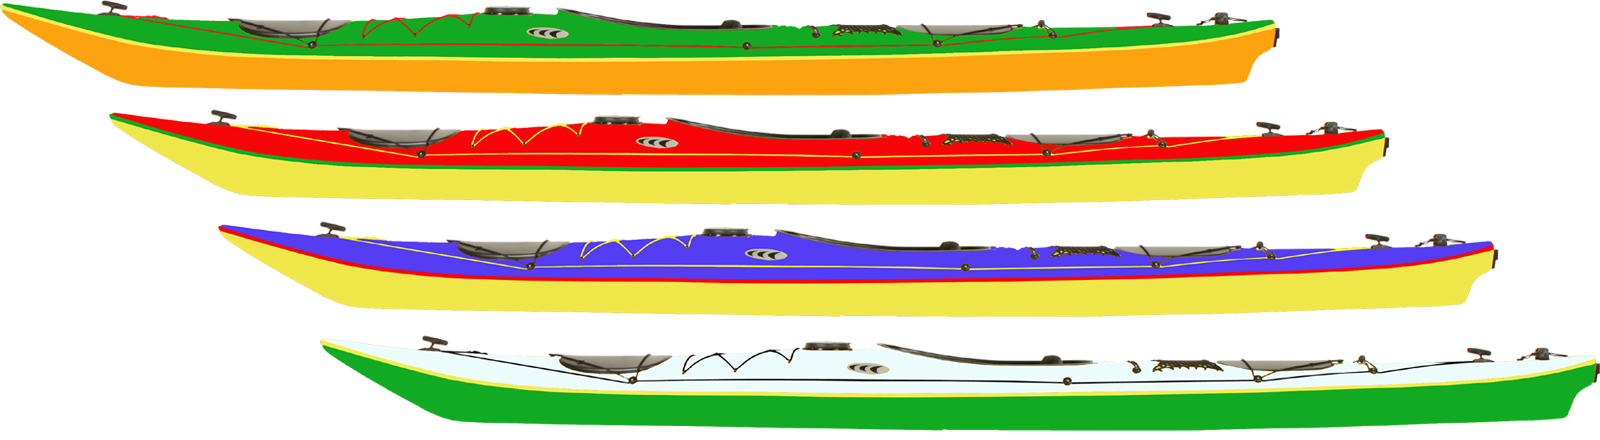 Varianten.png